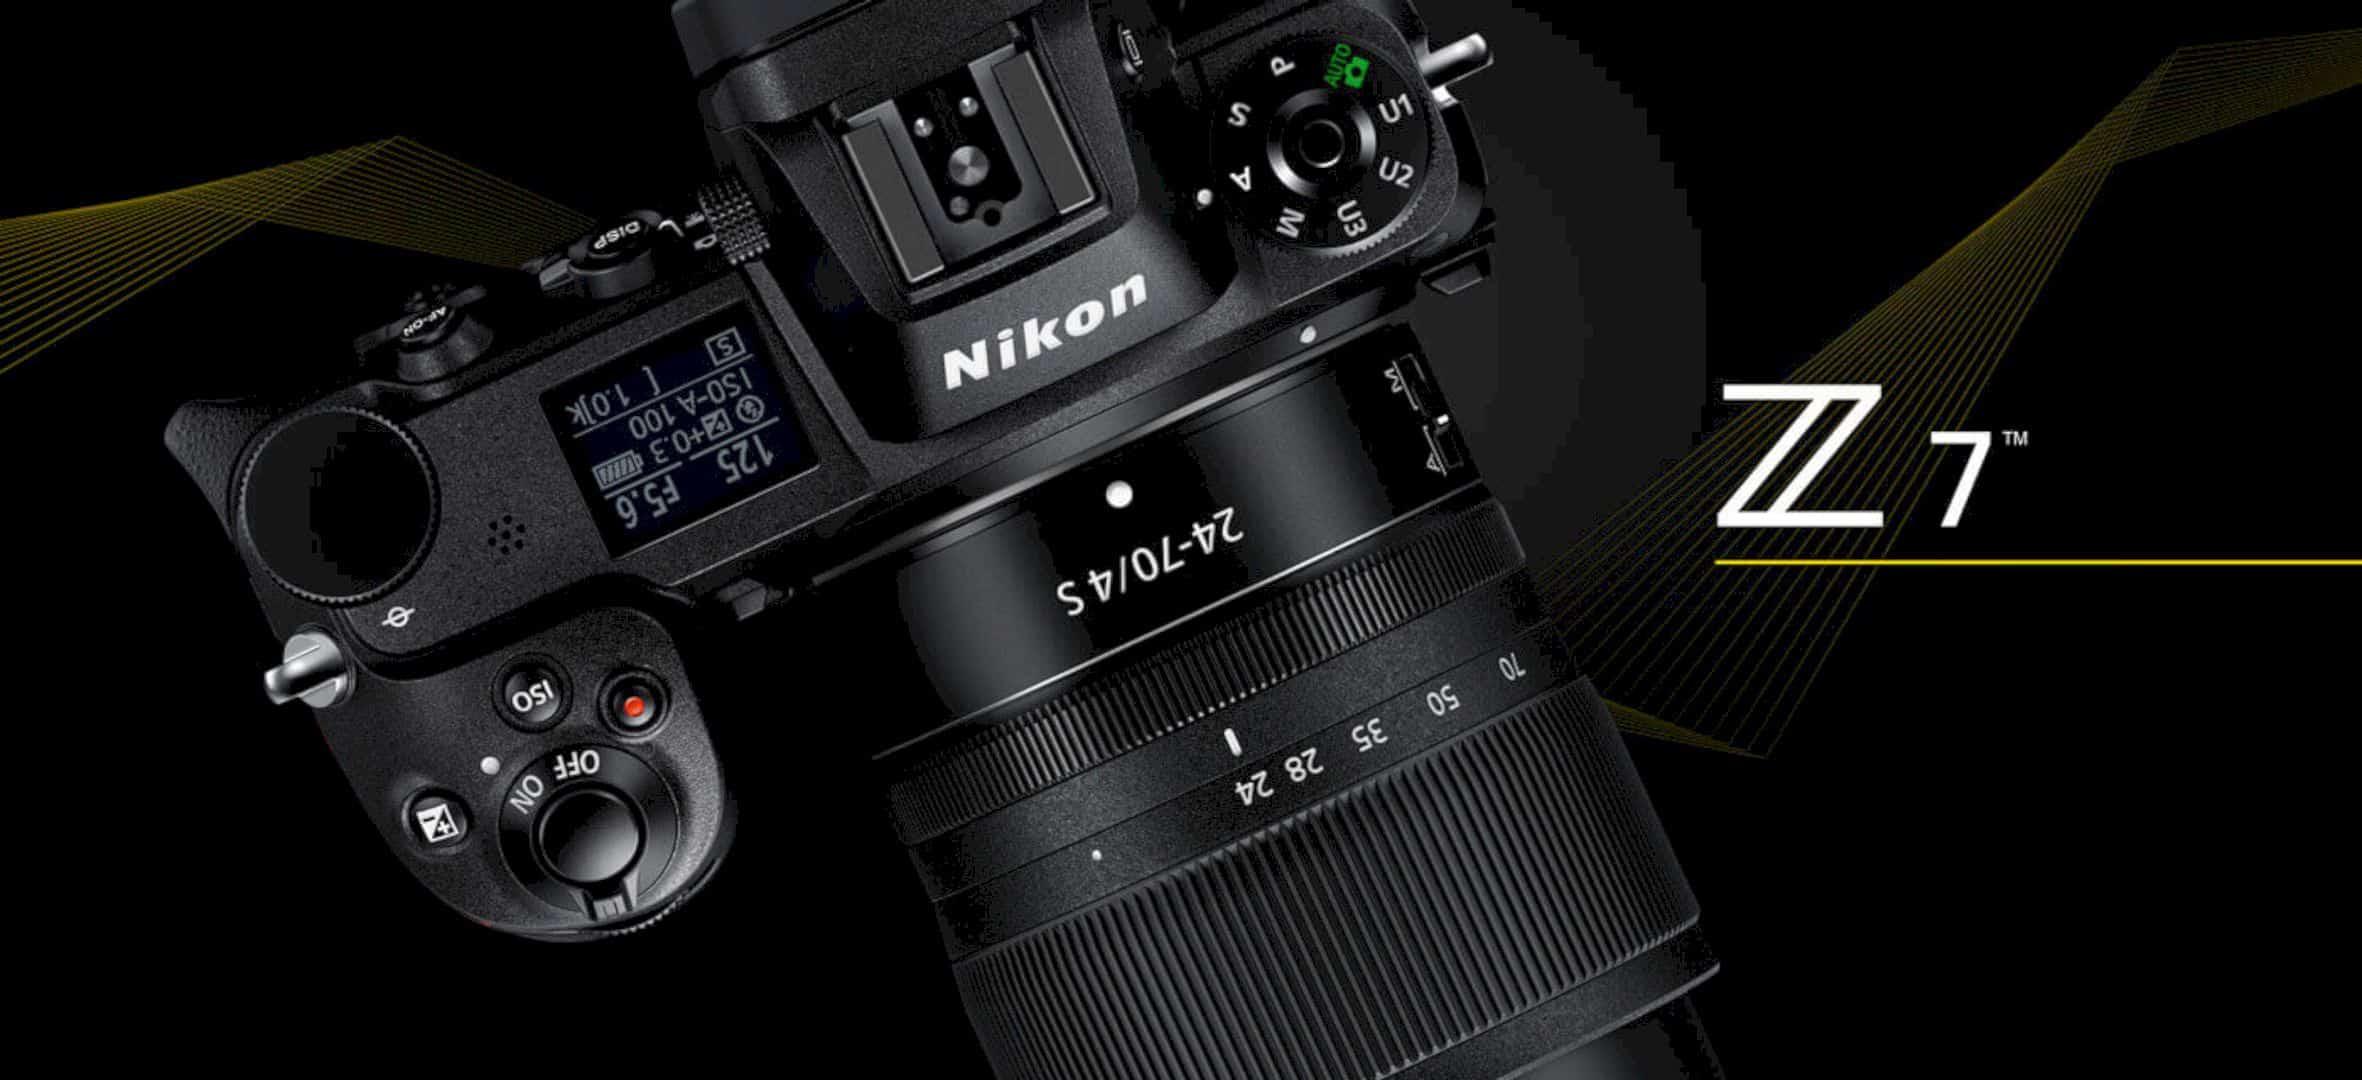 Nikon Z7 7